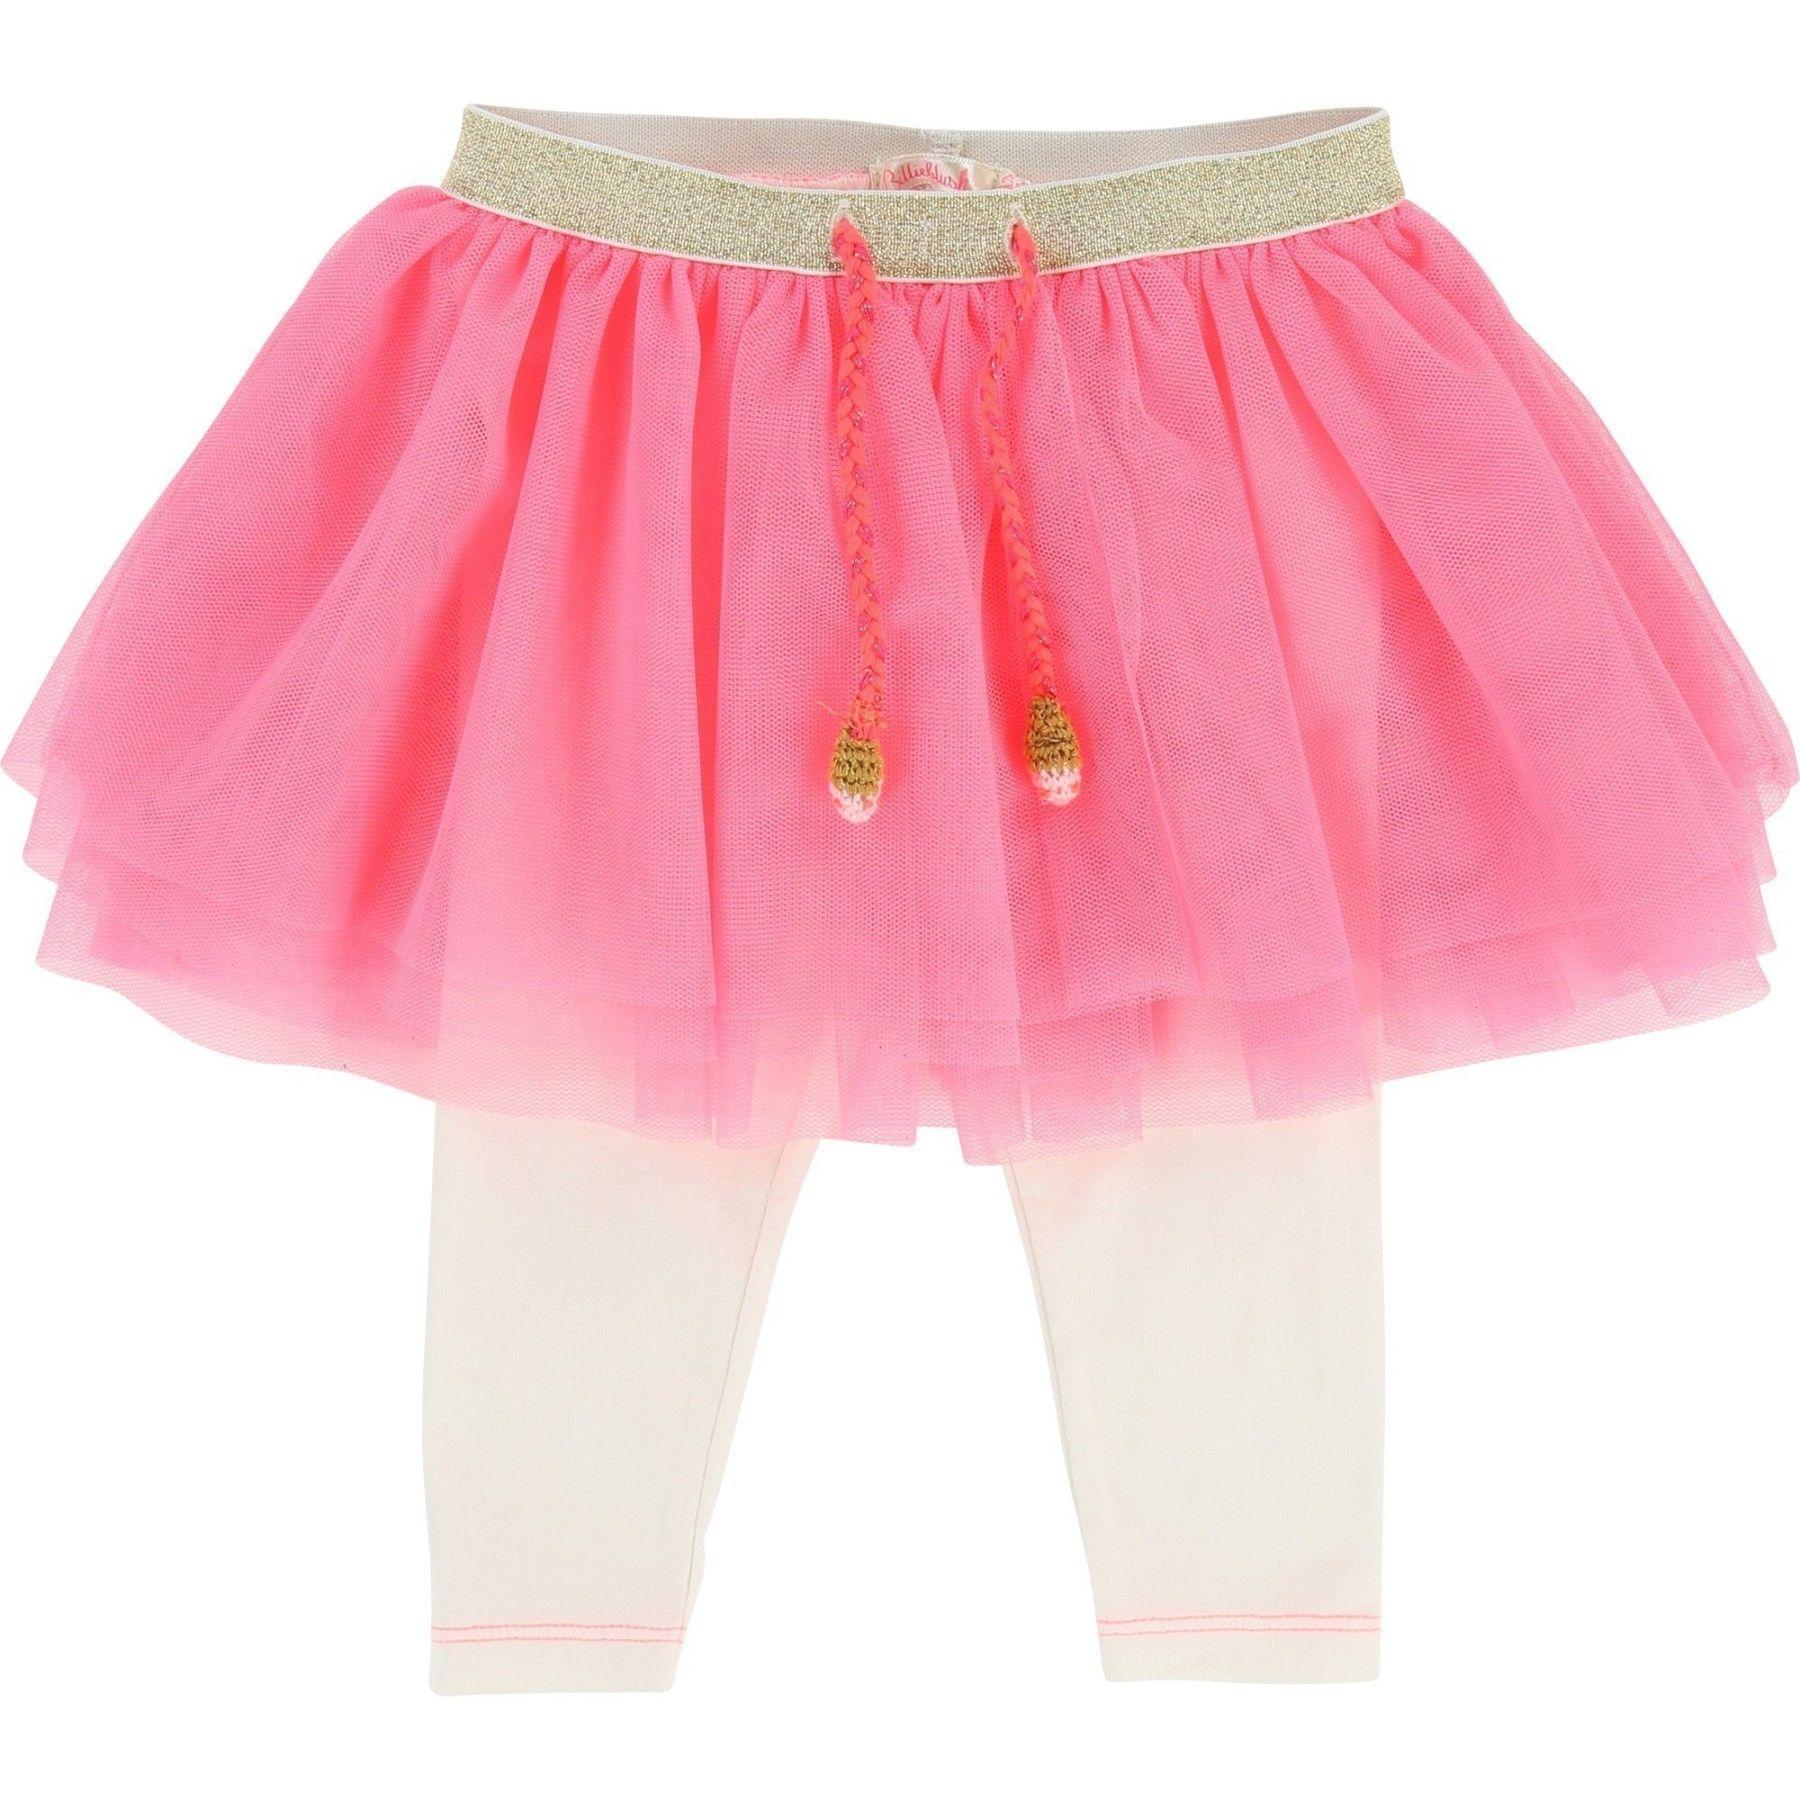 Cet ensemble jupe en tulle et legging bébé fille en jersey est la pièce  maîtresse pour un look girly et craquant. A noter, la taille élastiquée du  jupon ... 413591ab1202